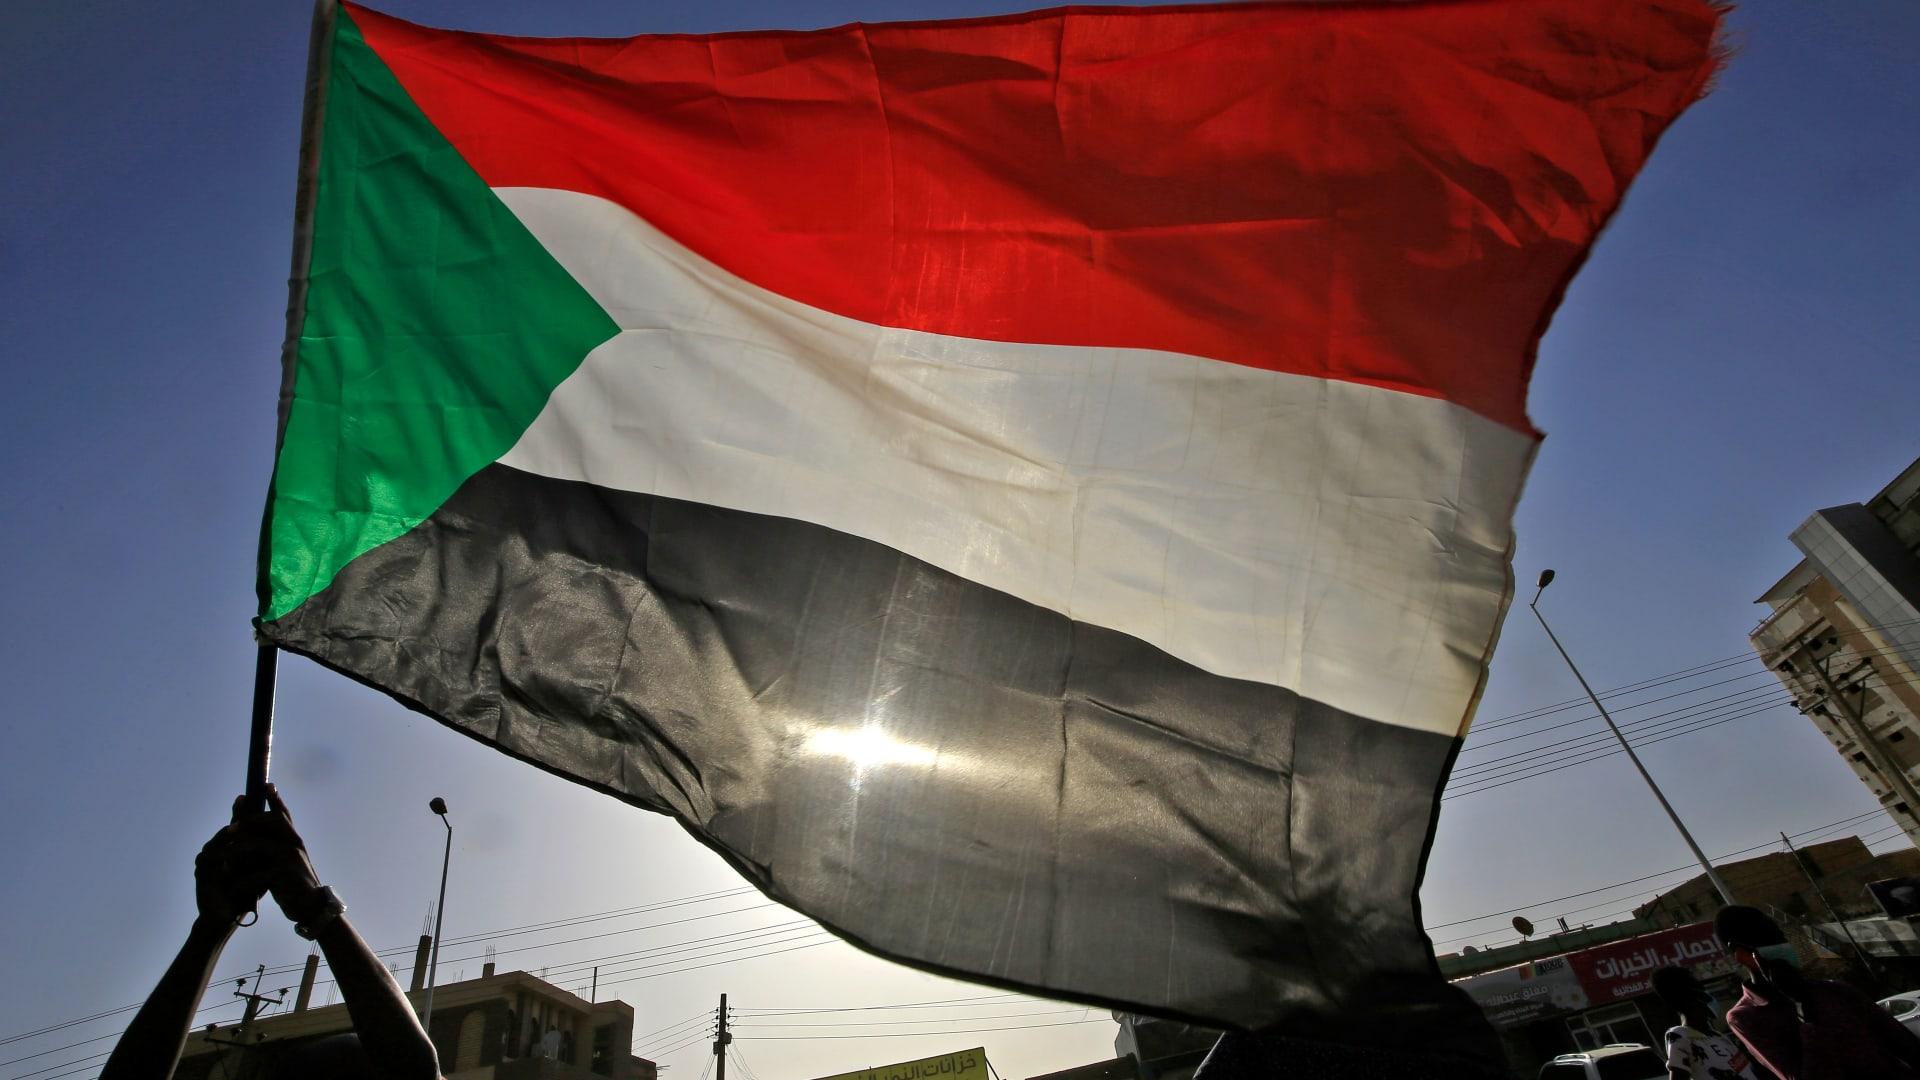 النقد الدولي: إزالة السودان من قائمة الدول راعية الإرهاب يزيل إحدى عقبات تخفيف ديونها